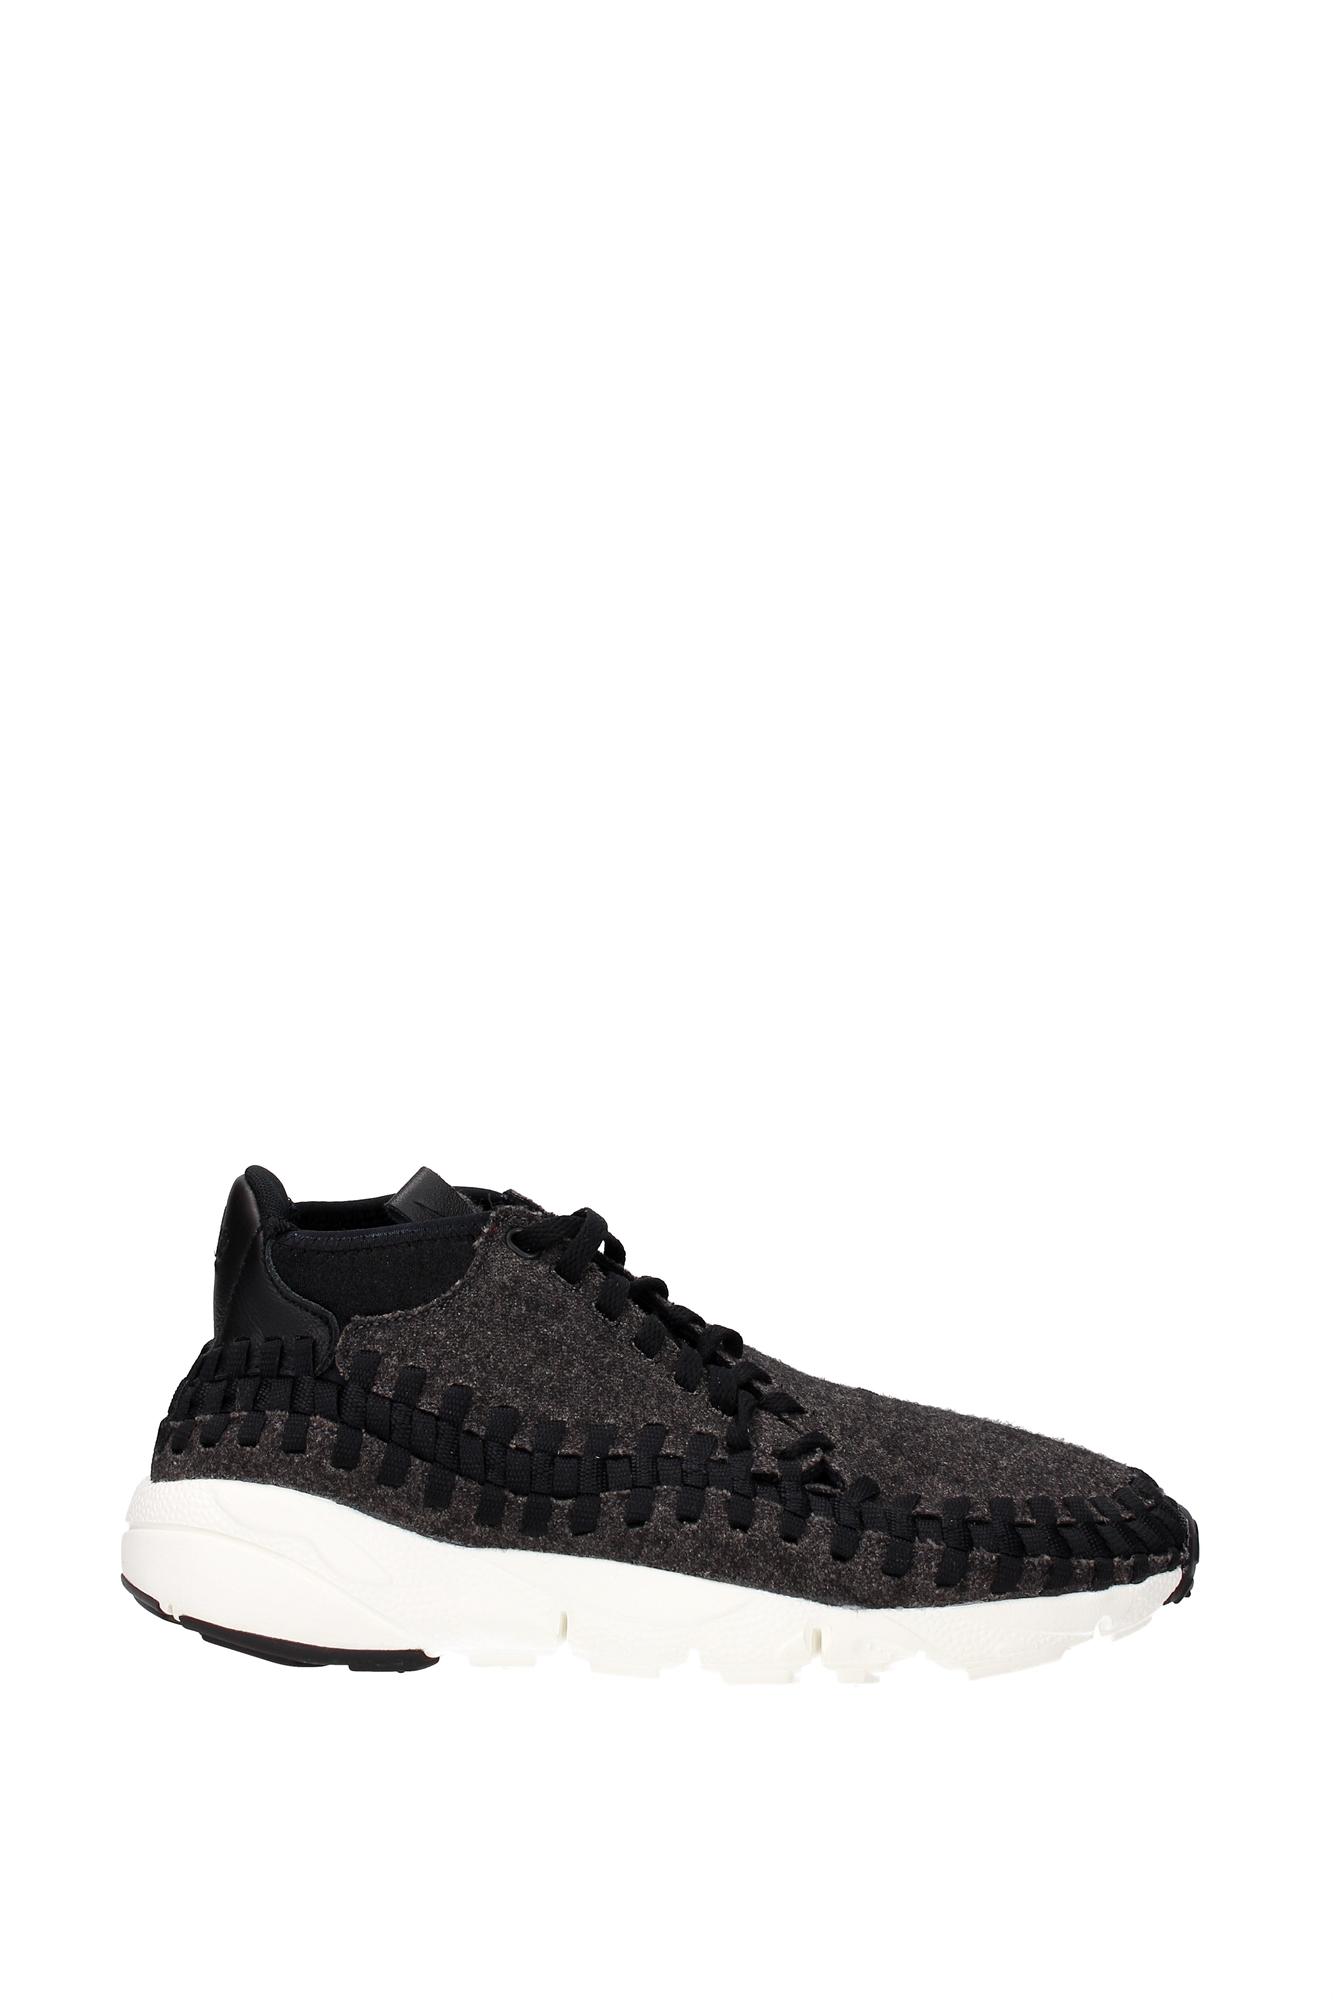 Zapatillas Nike Hombre (857874001) eBay